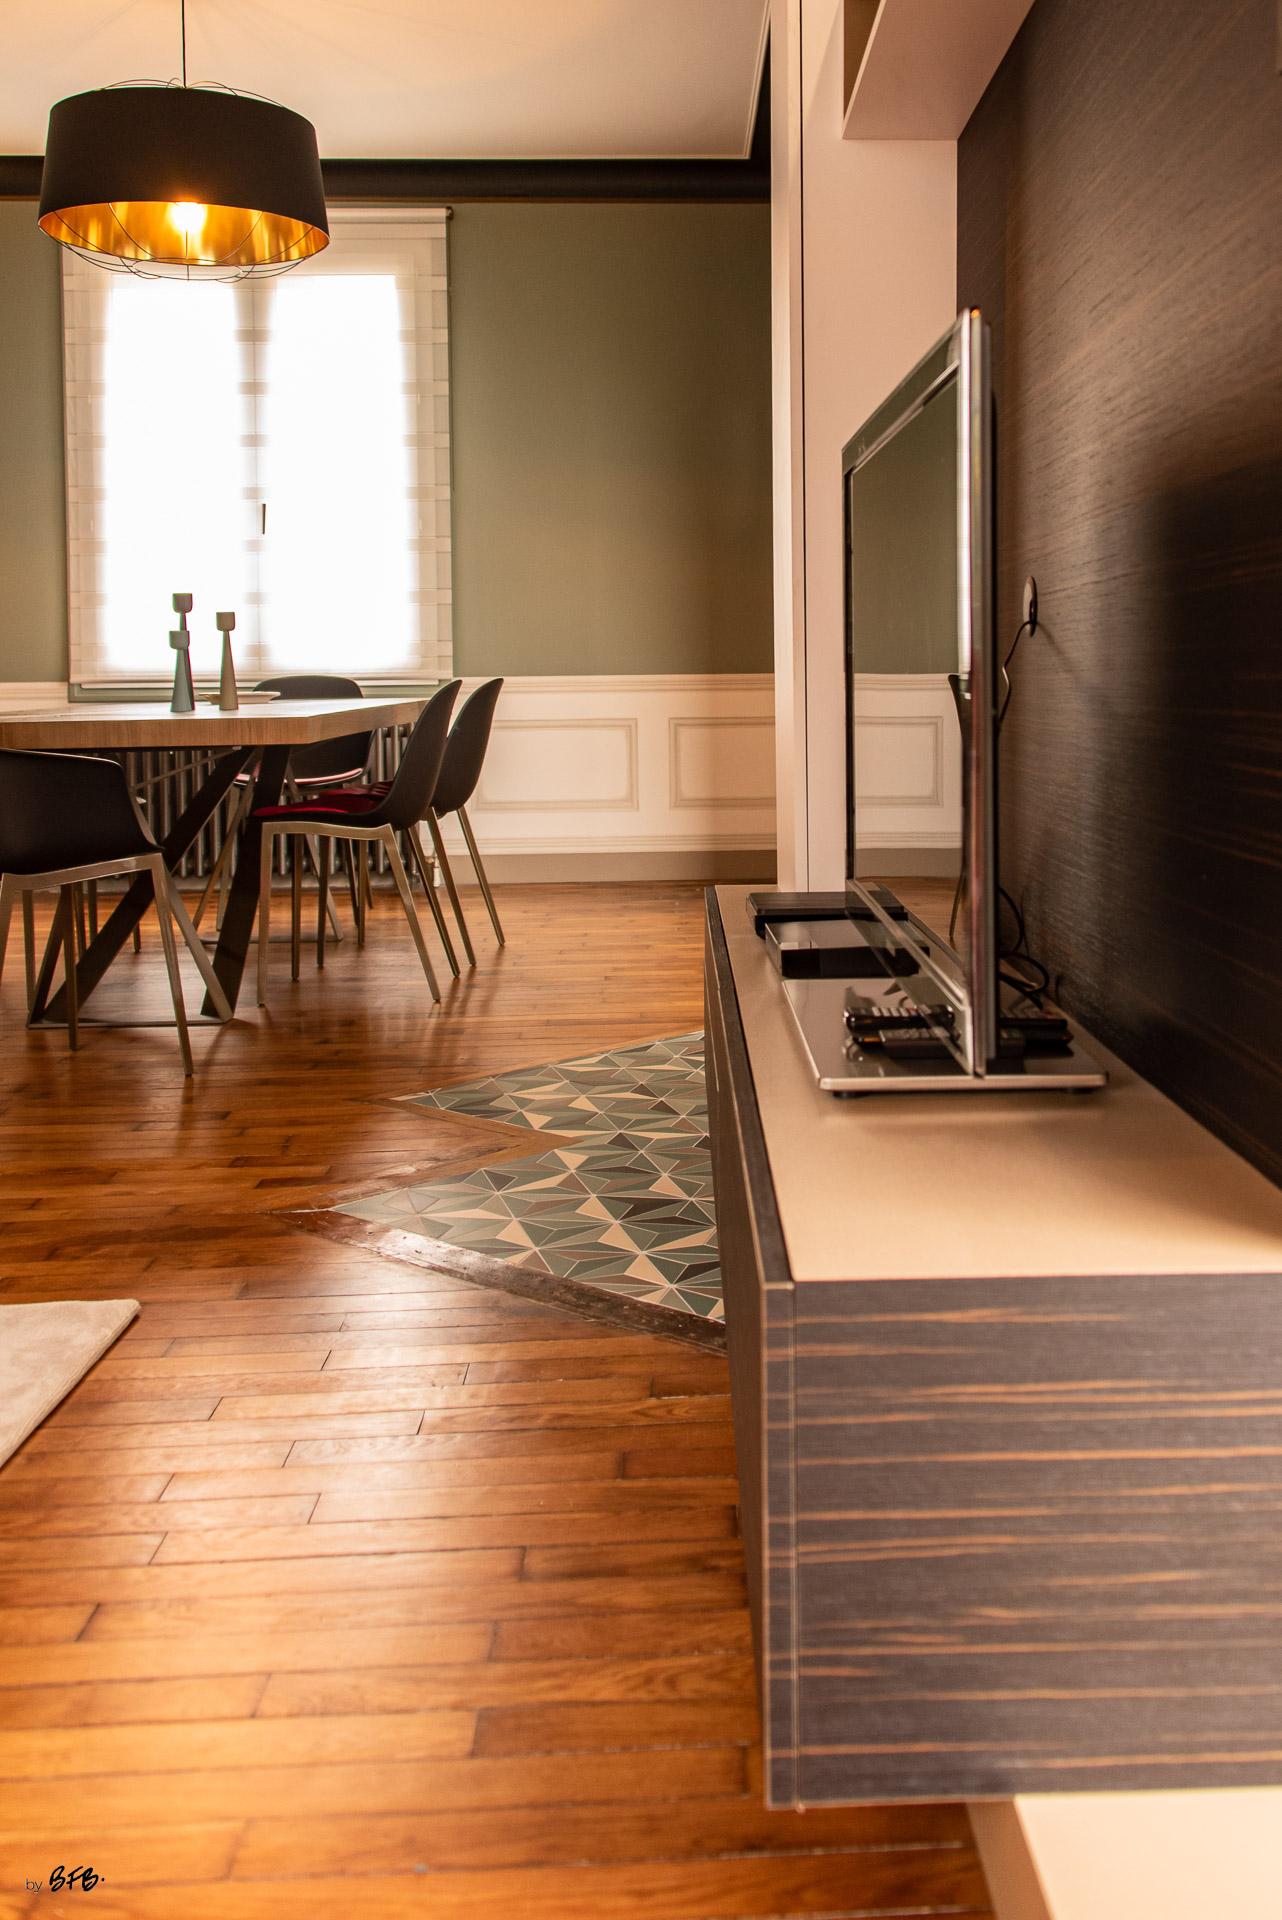 Création ambiance, rénovation, extension, maison à Brest, by Agence BFB Morbihan & Ile de Ré, meuble désigné par l'Agence, comme suspendu